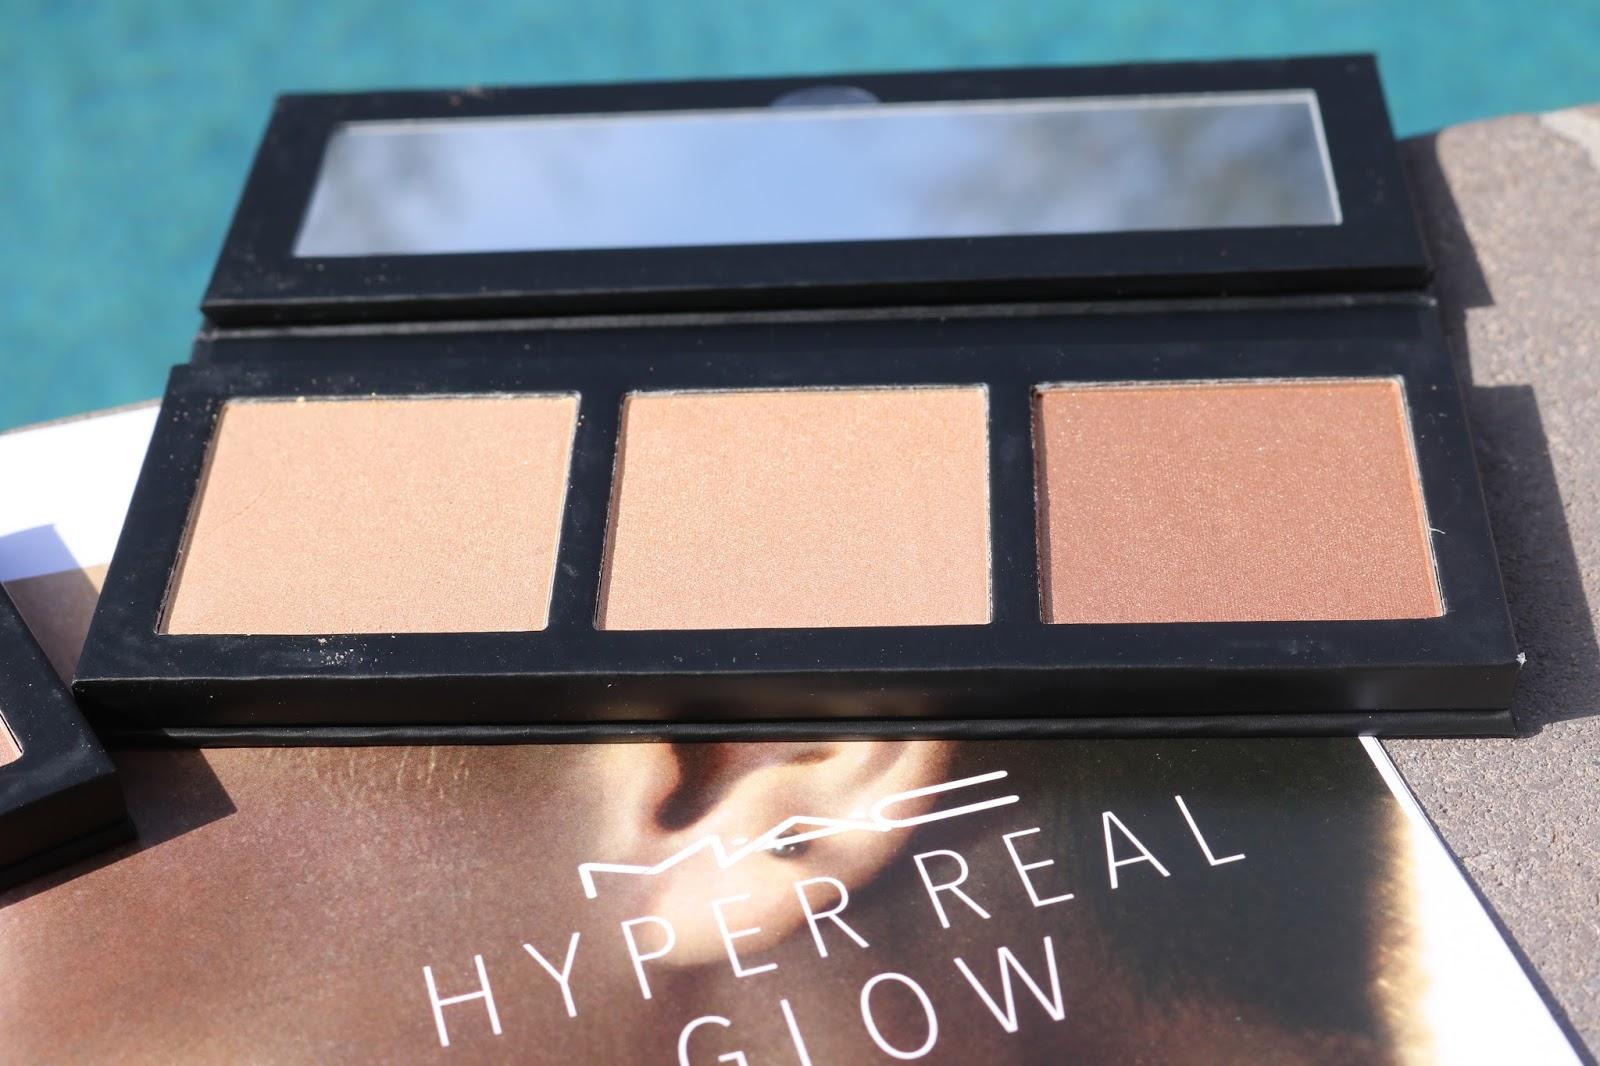 MAC Hyper Real Glow Palettes in Get it Glowin'